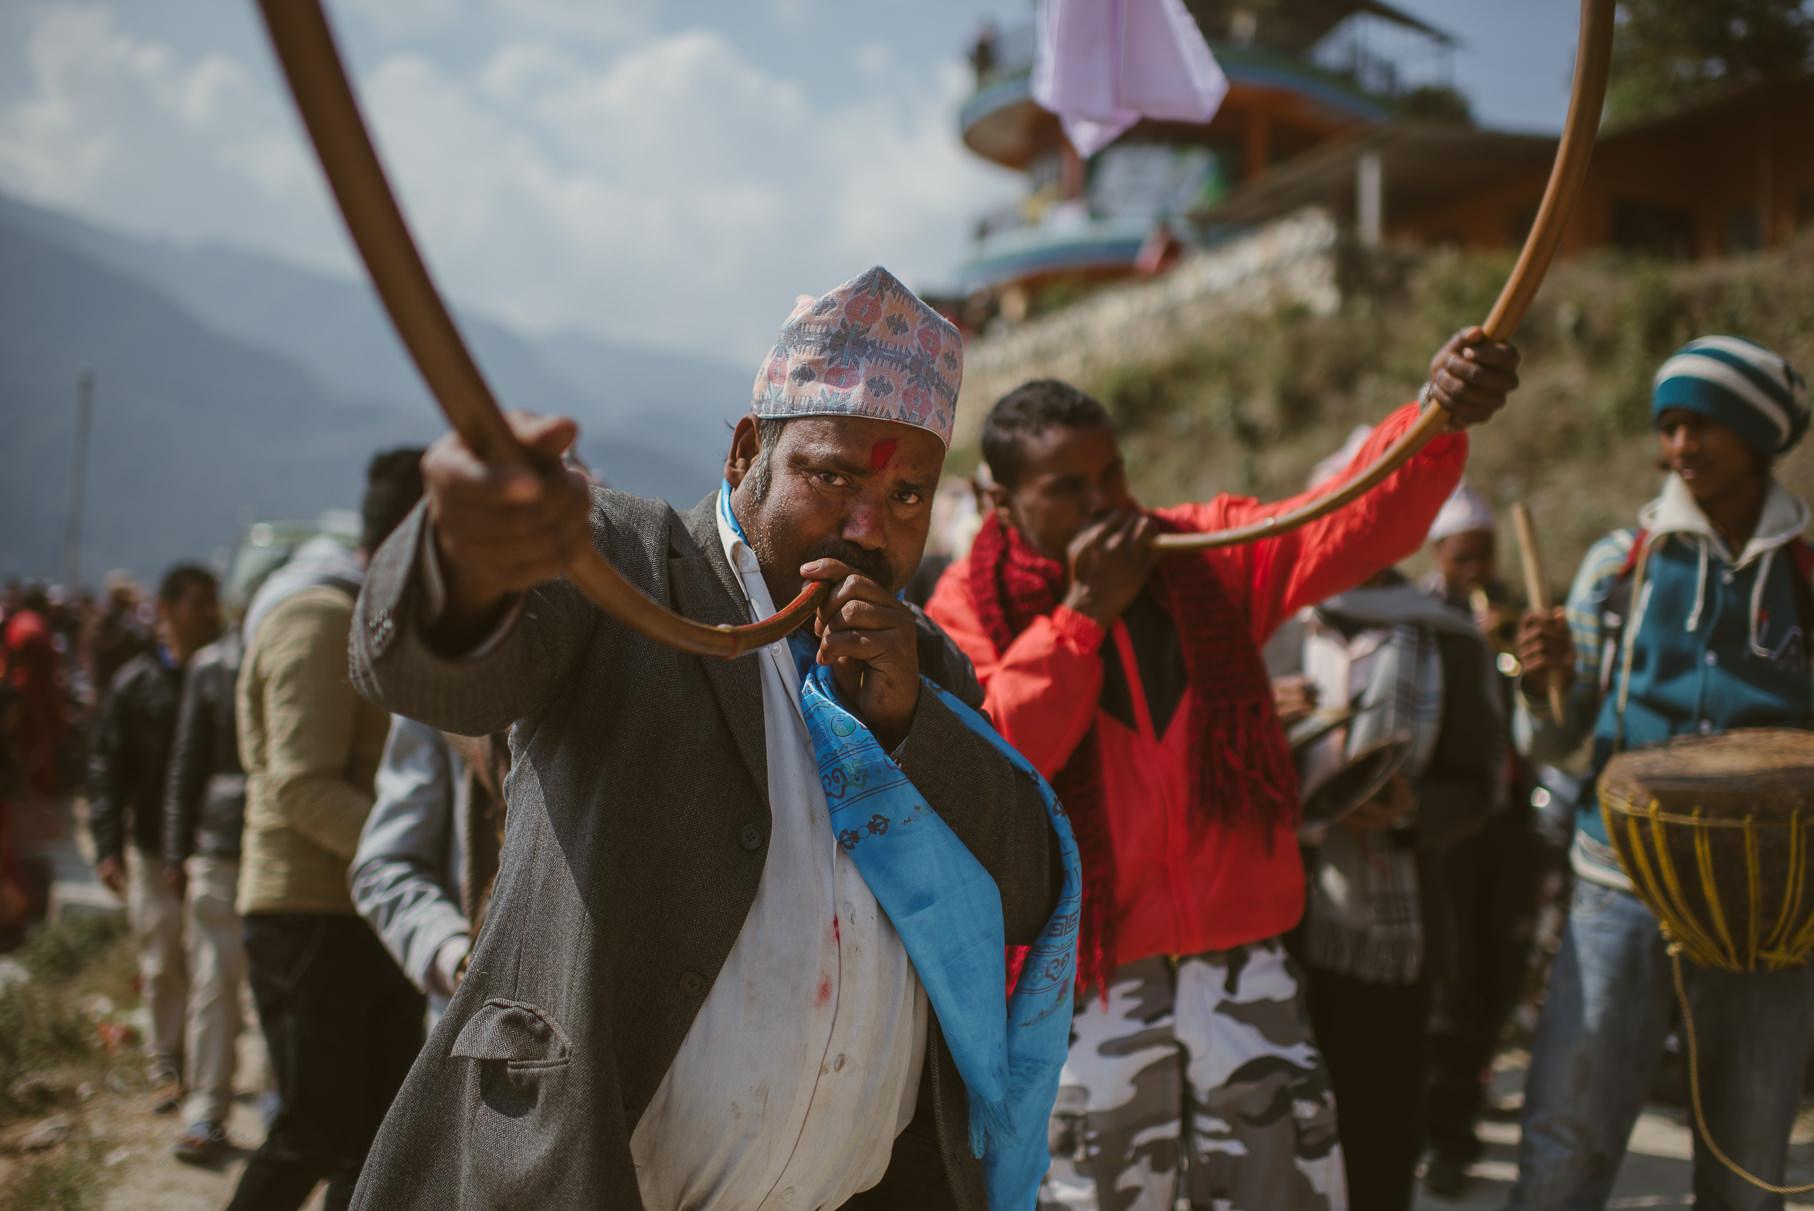 0022 anne und bjoern chitwan nationalpark nepal d75 3619 2 - Nepal Teil 3 - Roadtrip, Chitwan Nationalpark und eine spontane Hochzeit